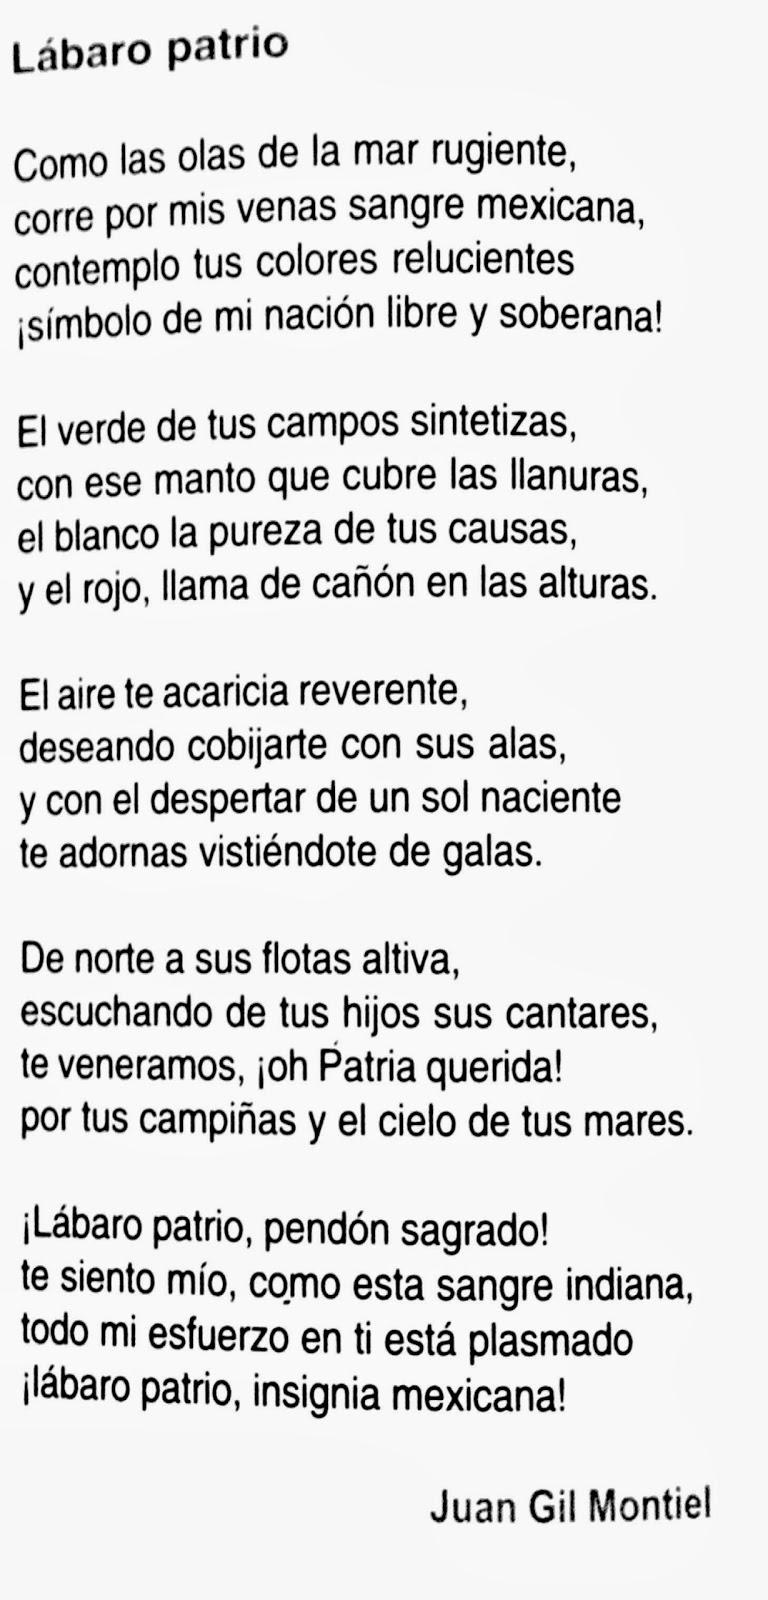 Poesía lábaro patrio - 24 de febrero día de la bandera